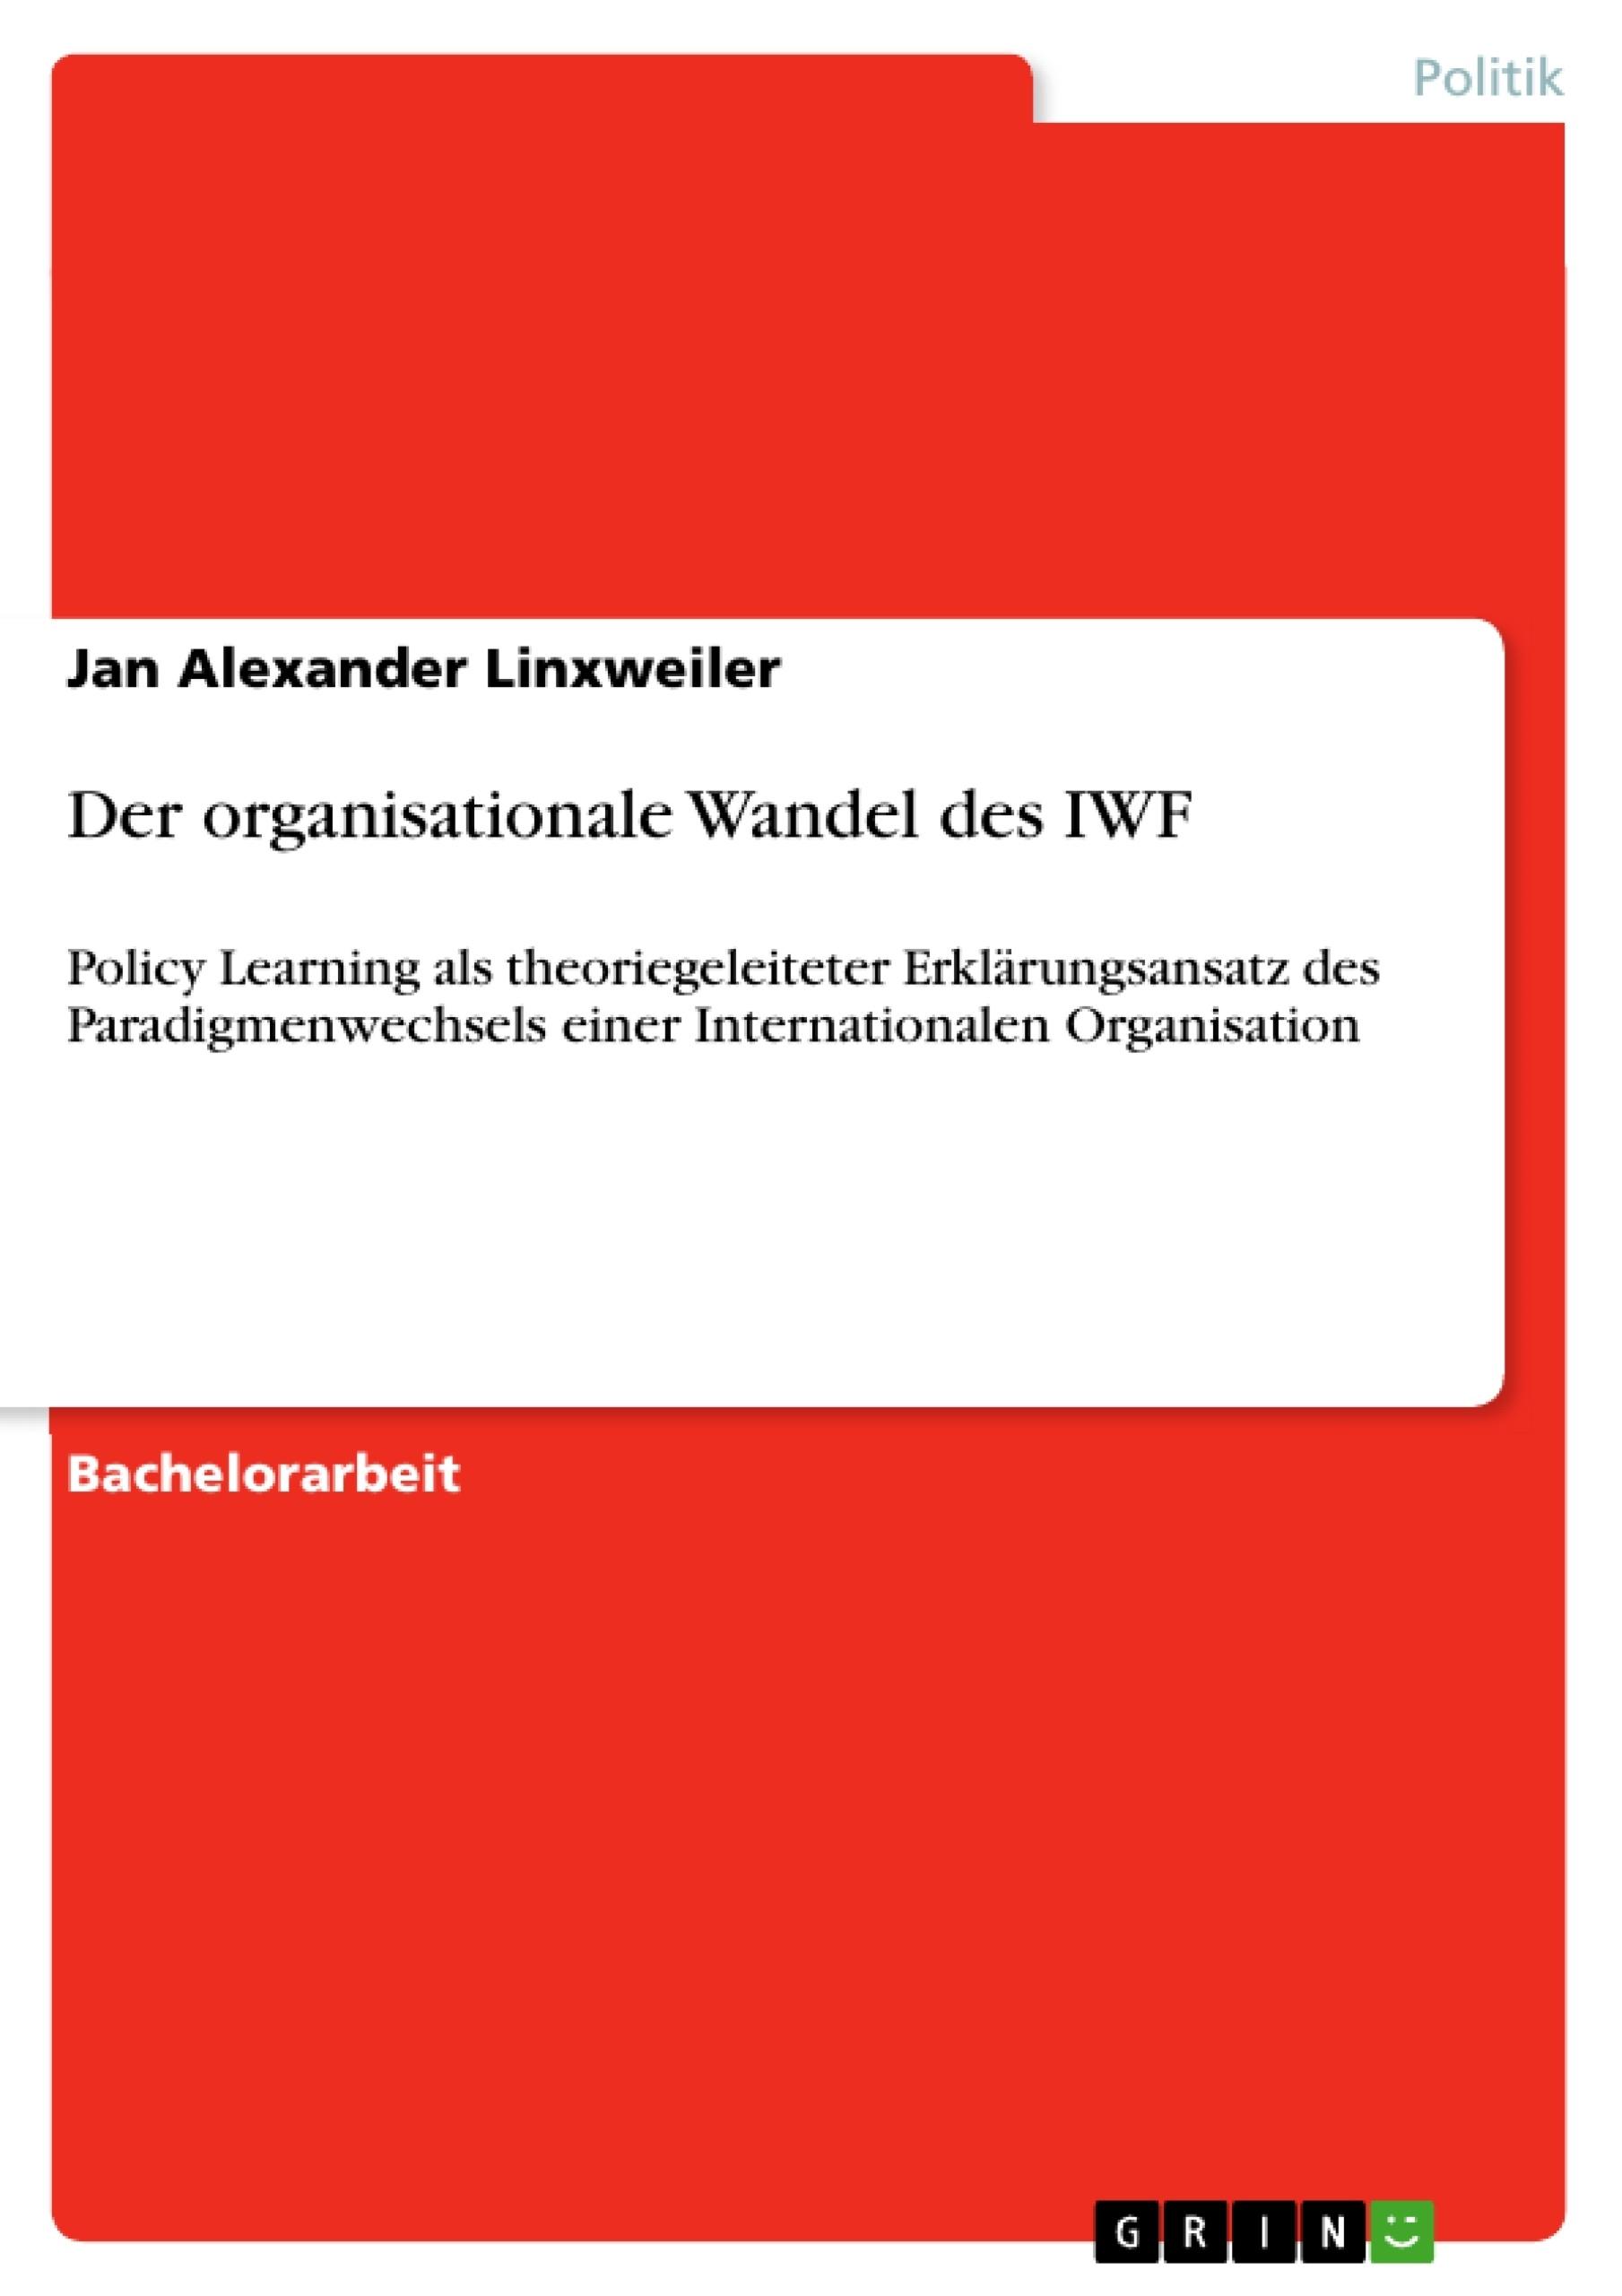 Titel: Der organisationale Wandel des IWF